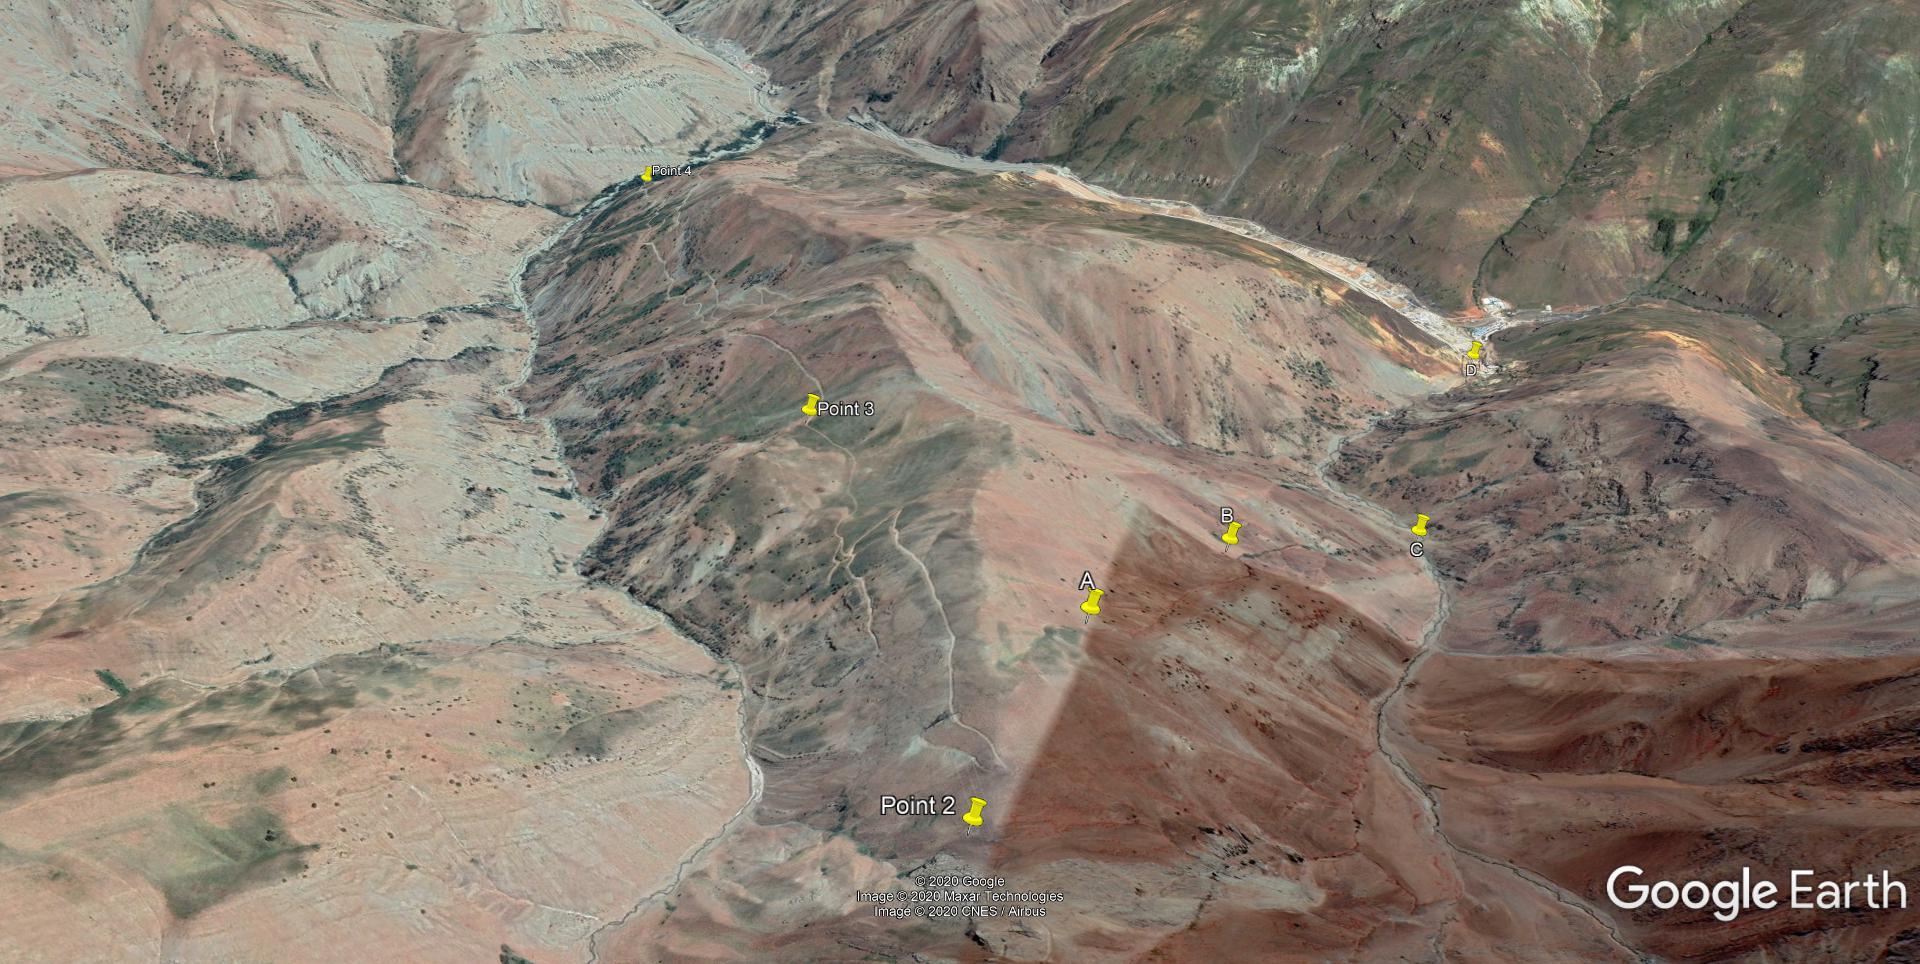 تصاویر هوایی انتهای مسیر سنگان به شهرستانک - تابستان 1399 2020